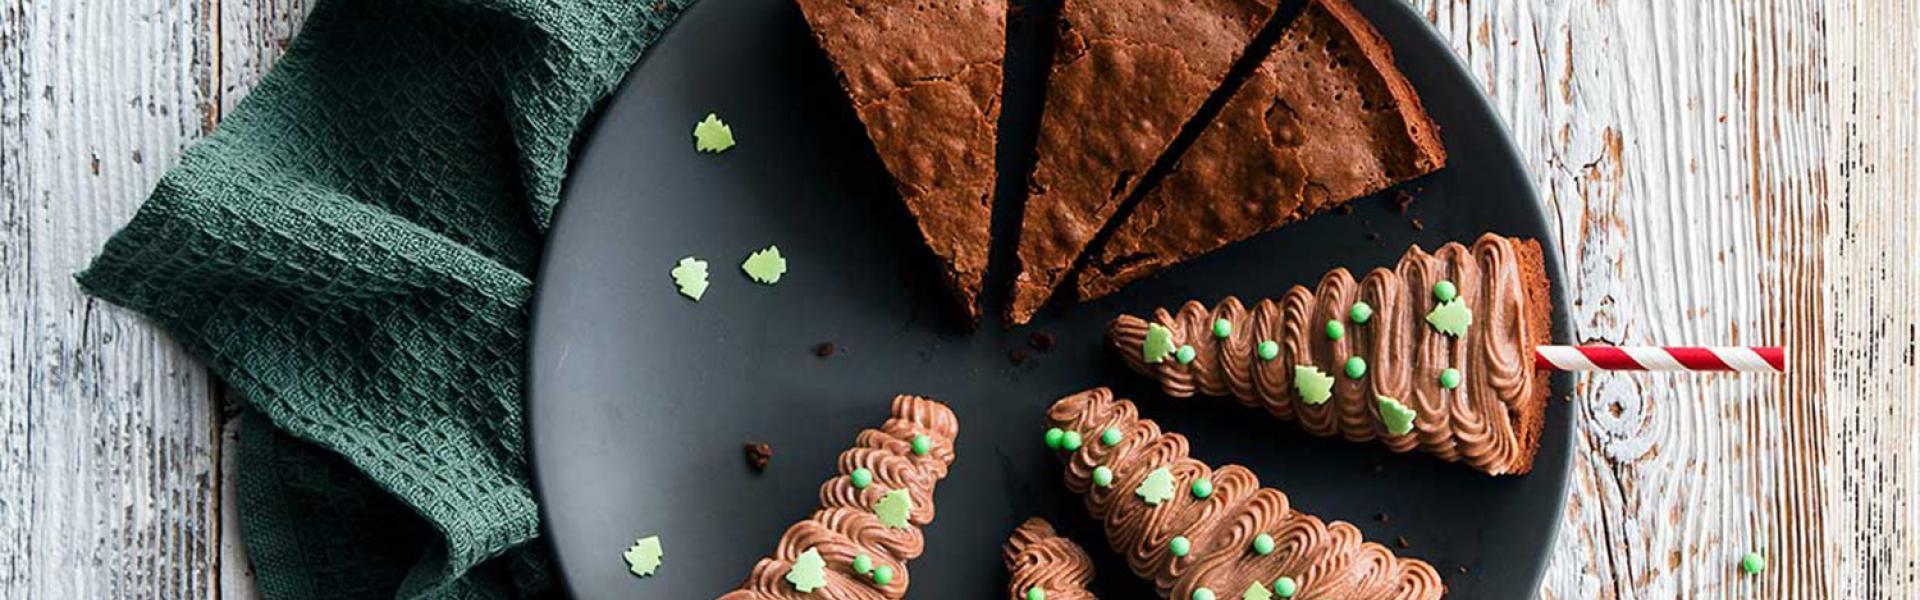 Brownie-Tannenbäume auf einem Teller angerichtet.